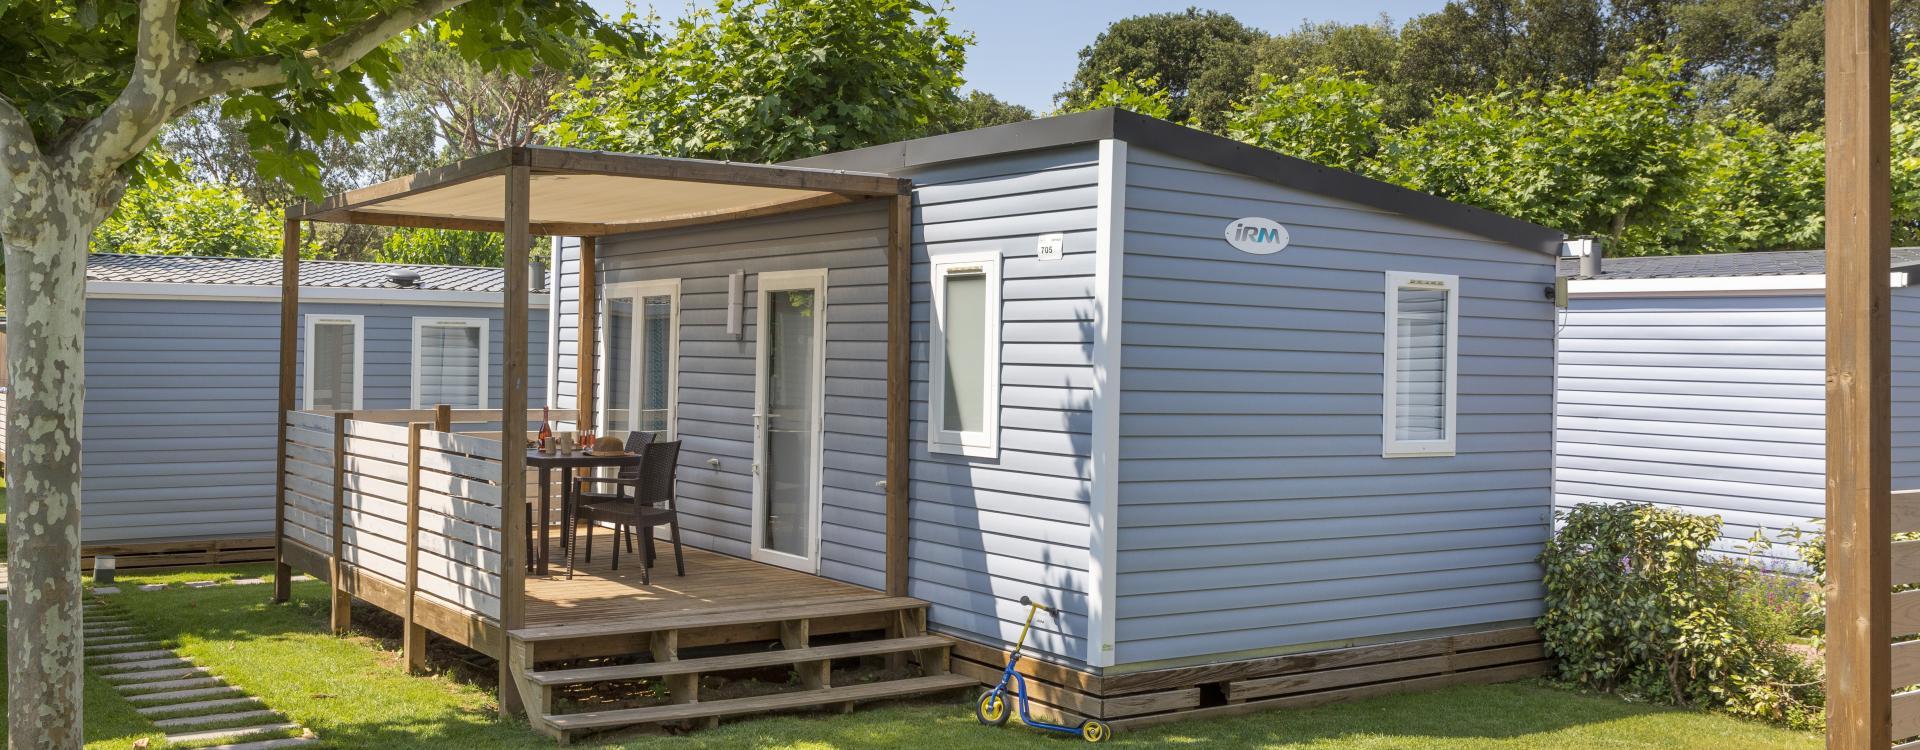 optimitzades/mobil-homes/emporda/exterior-terraza-mobil-home-emporda.jpg